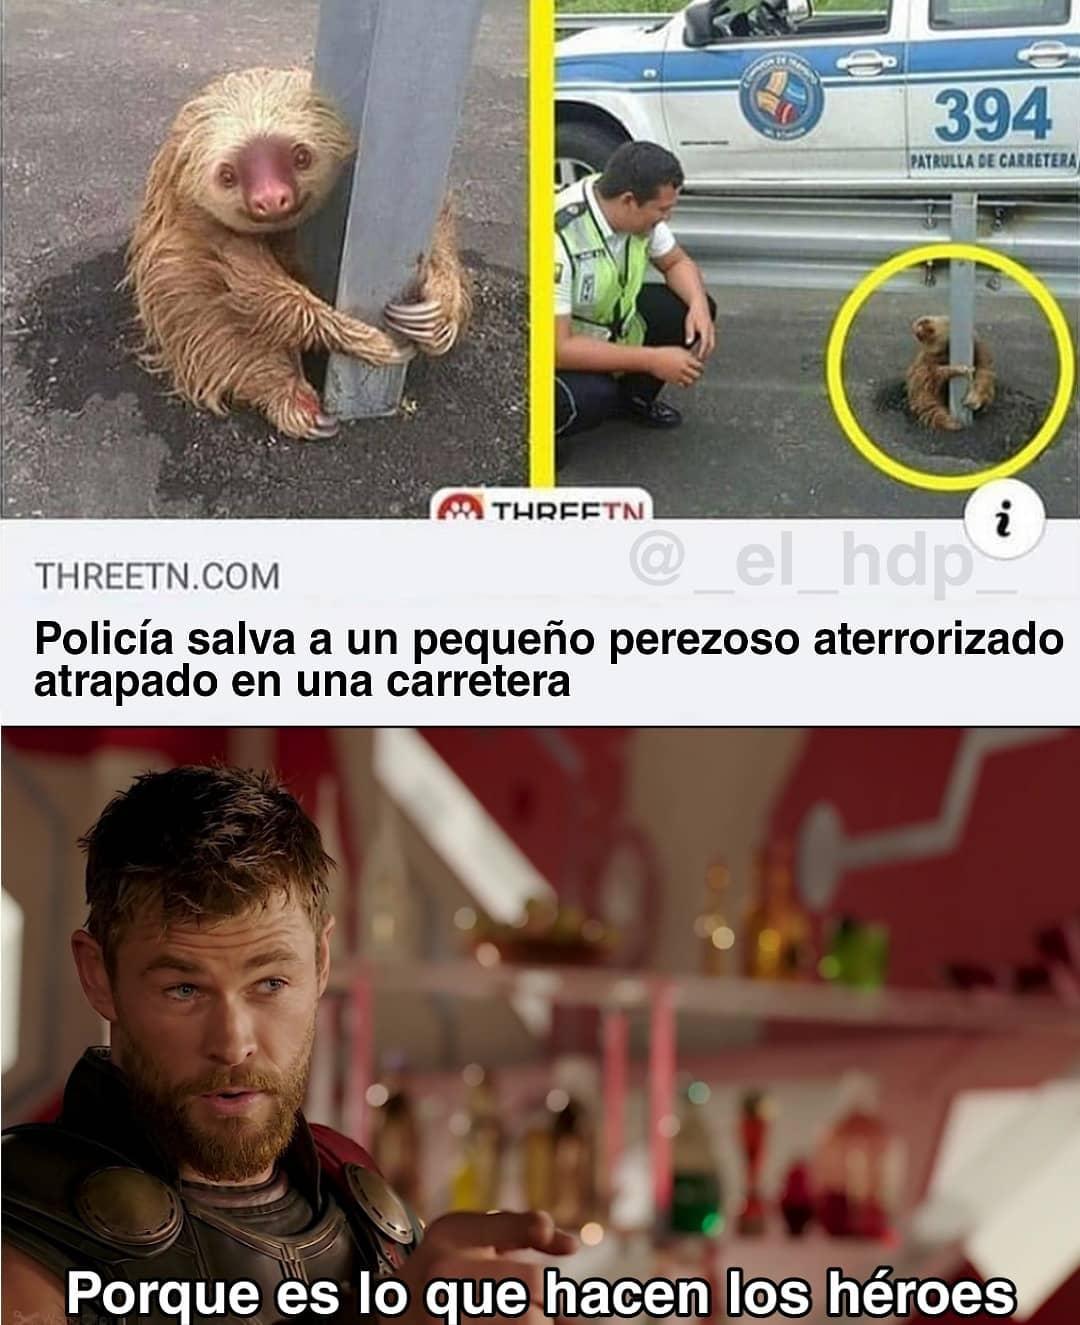 Policía salva a un pequeño perezoso aterrorizado atrapado en una carretera.  Porque es lo que hacen los héroes.